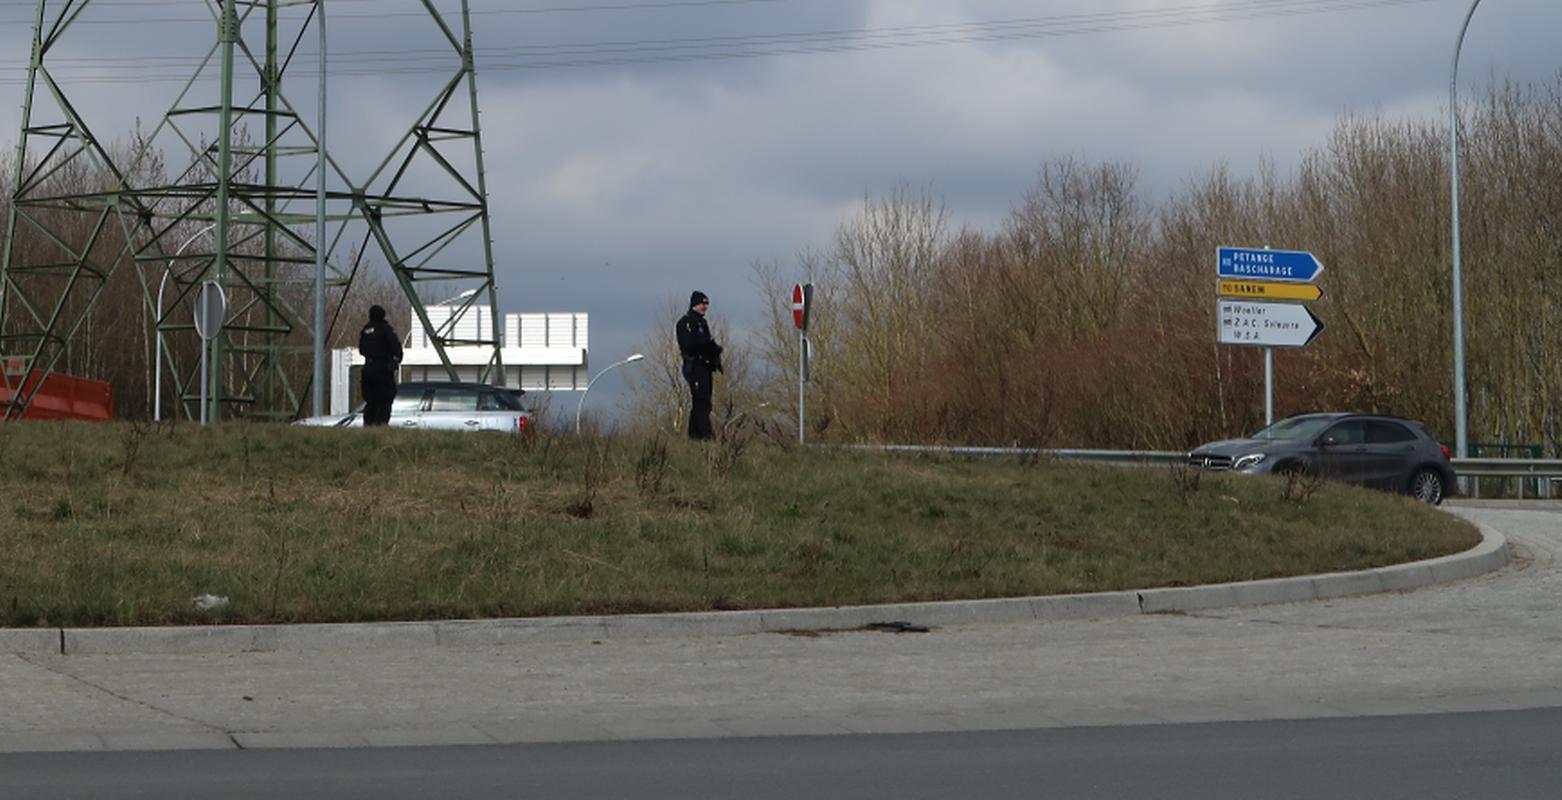 La police en arme à la sortie de l'A13 à Differdange vers 12h20